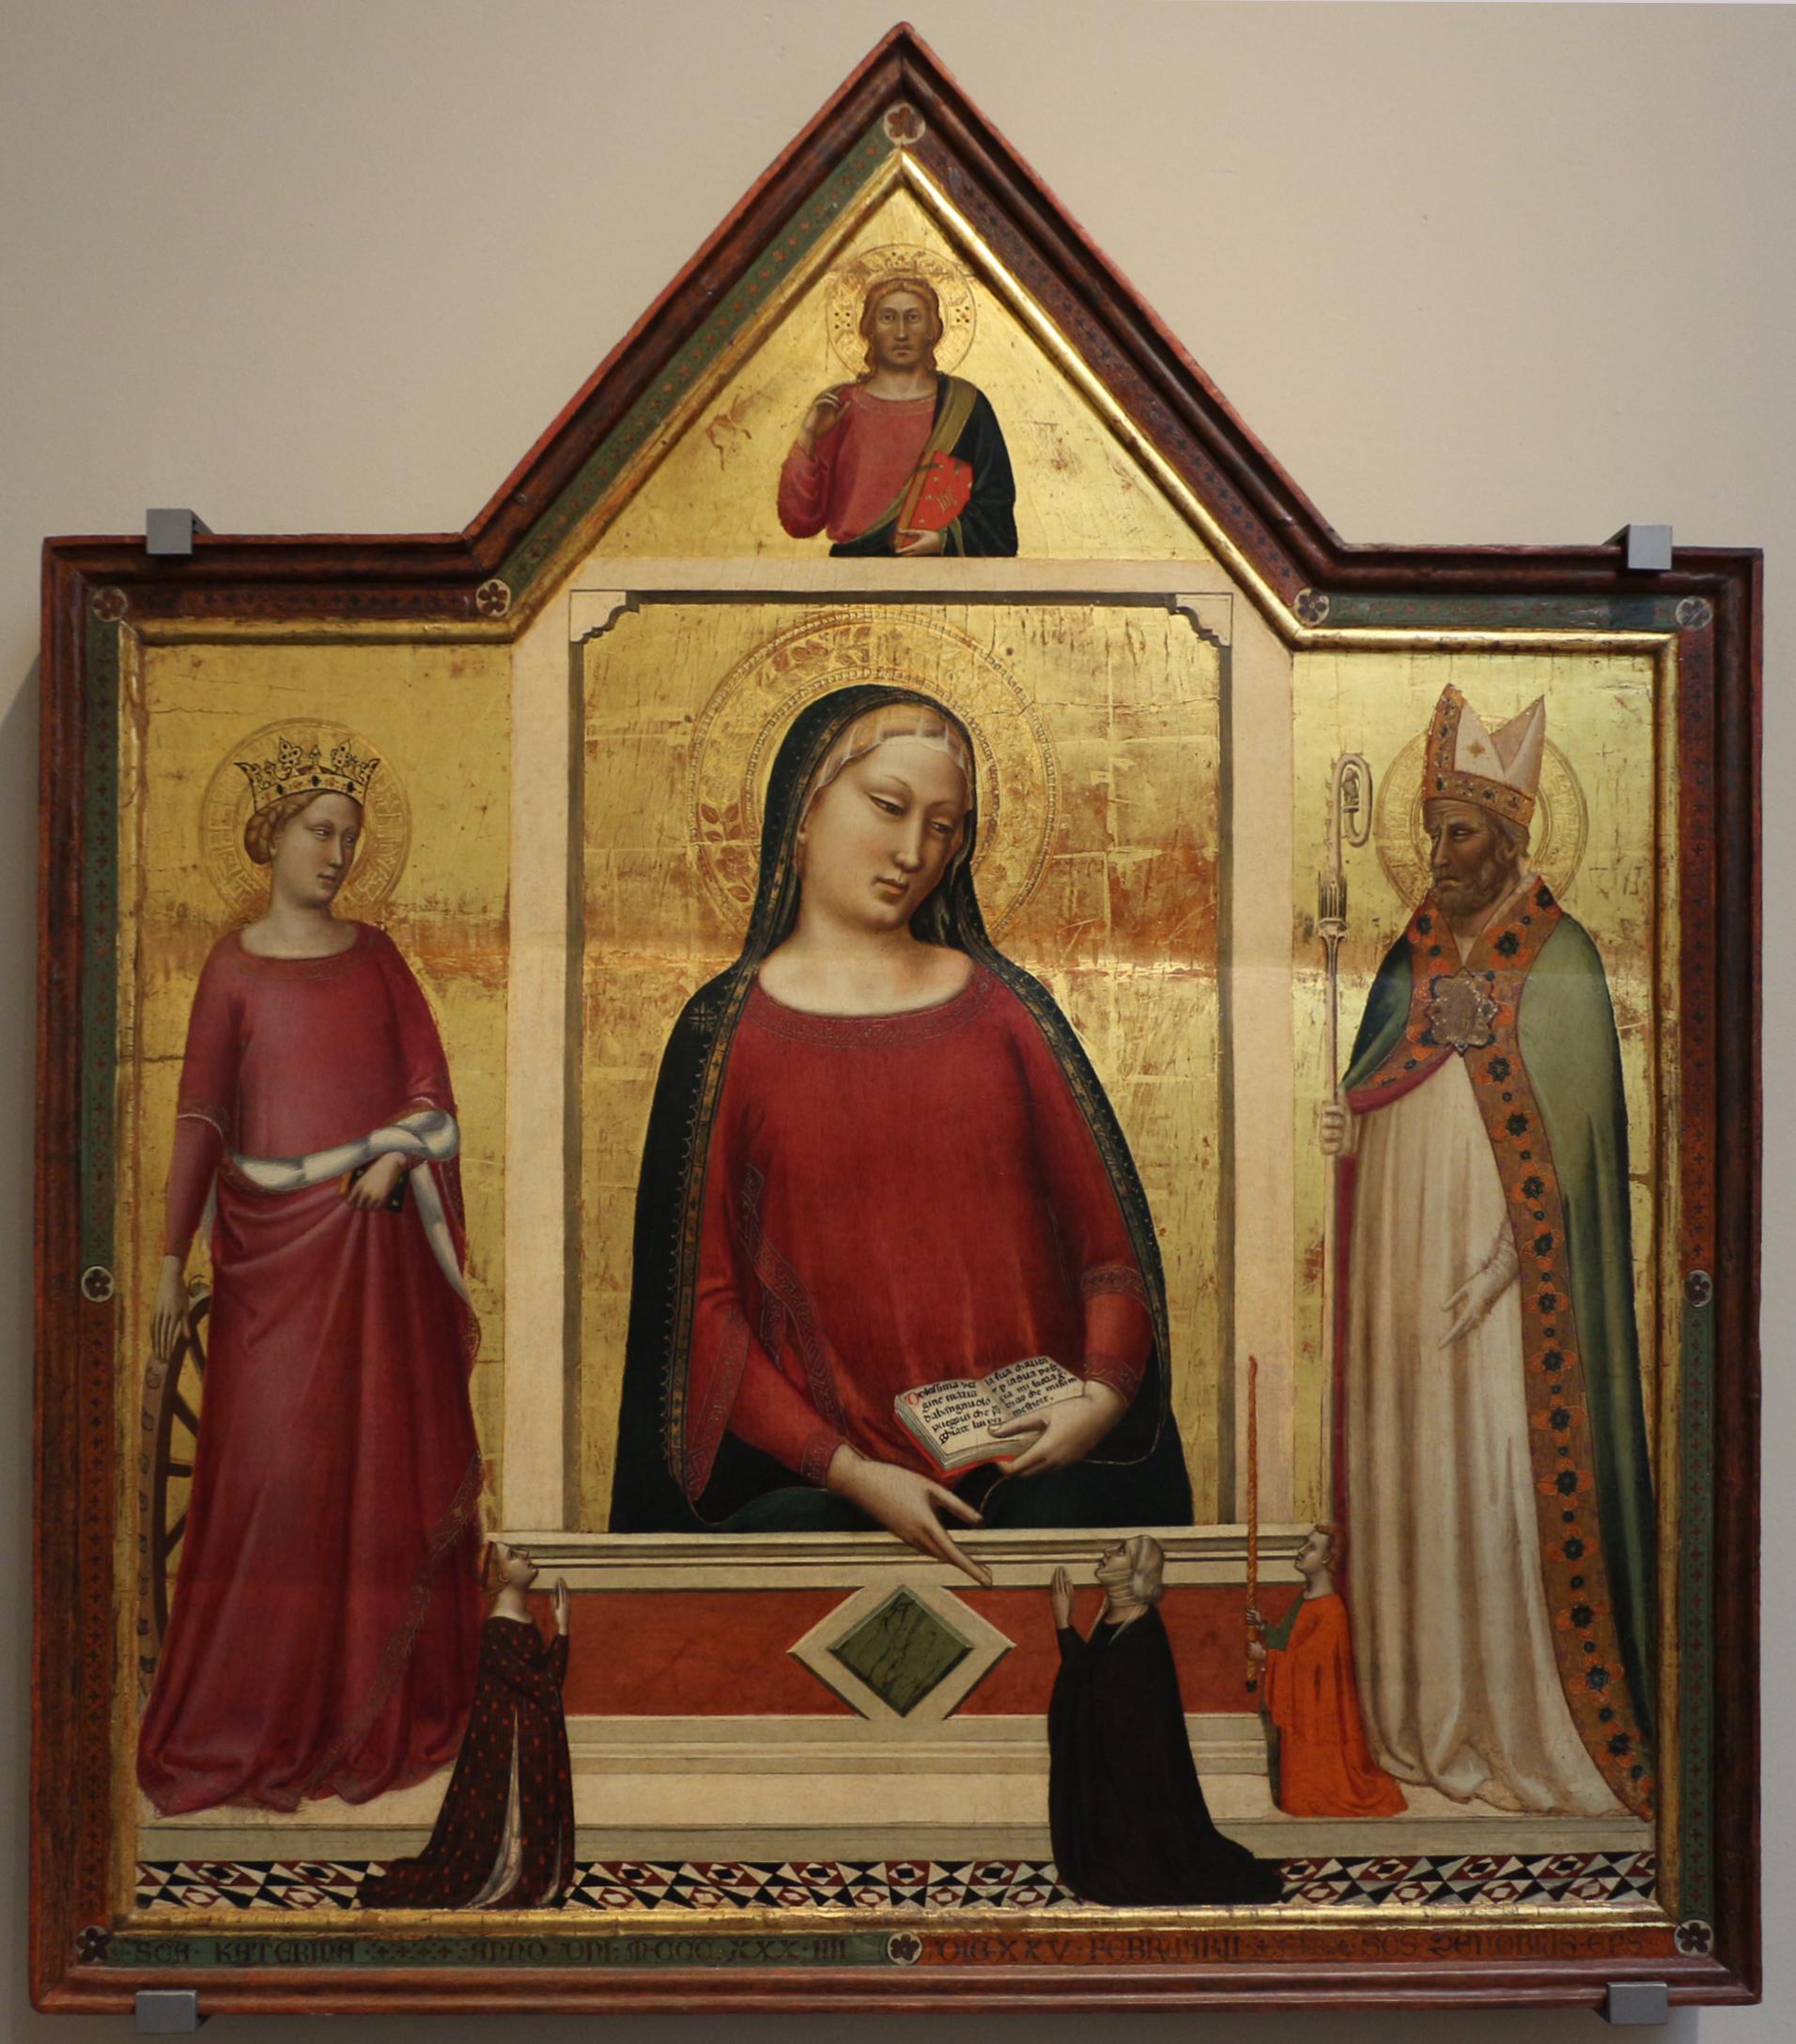 1335 Bernardo_daddi,_madonna_tra_s._caterina_e_s._zanobi_coi_donatori Museo dell'Opera del Duomo Florence